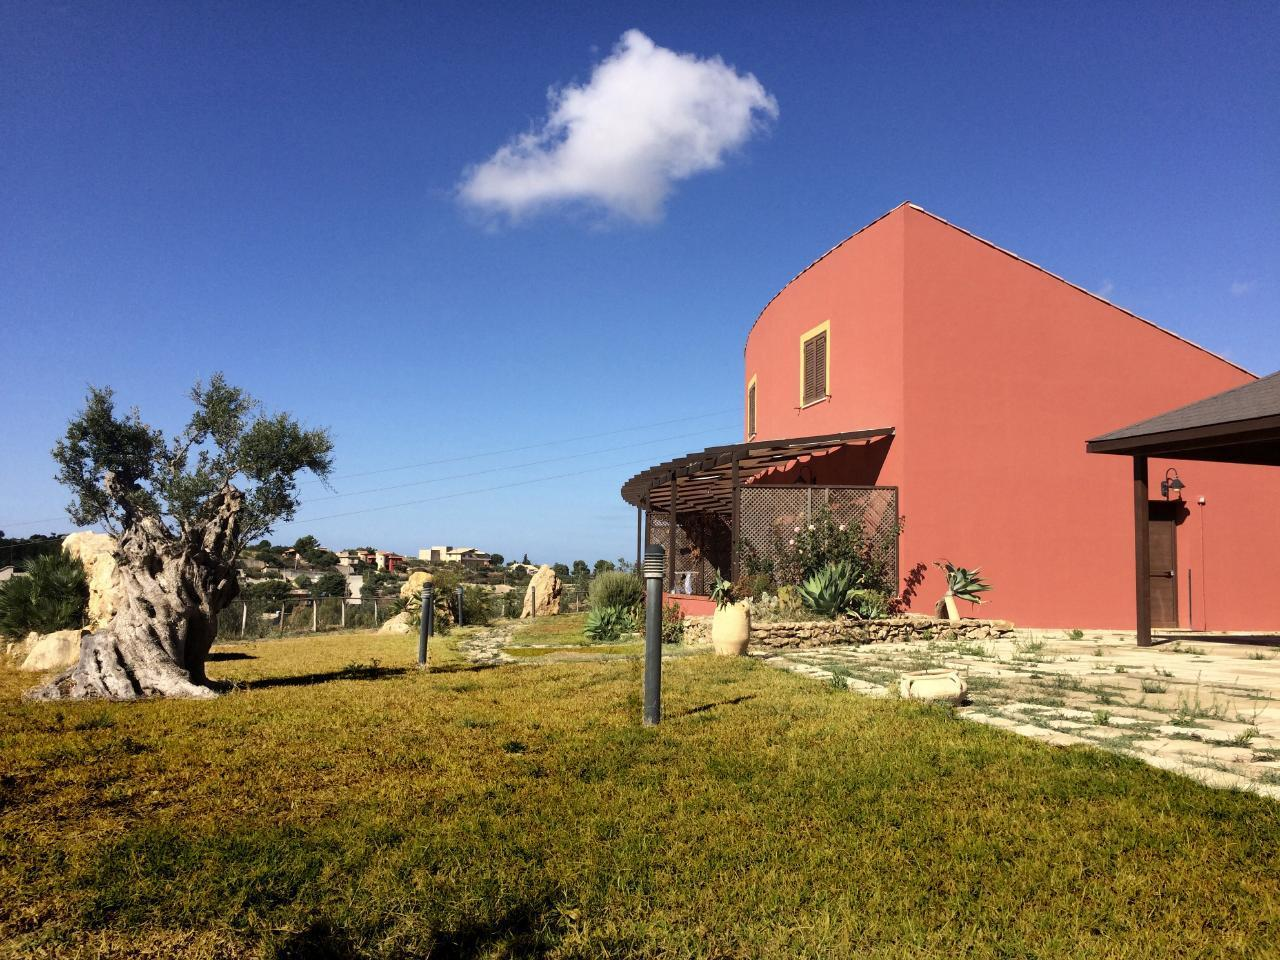 Ferienhaus Ferienwohnungen (405222), Sciacca, Agrigento, Sizilien, Italien, Bild 21